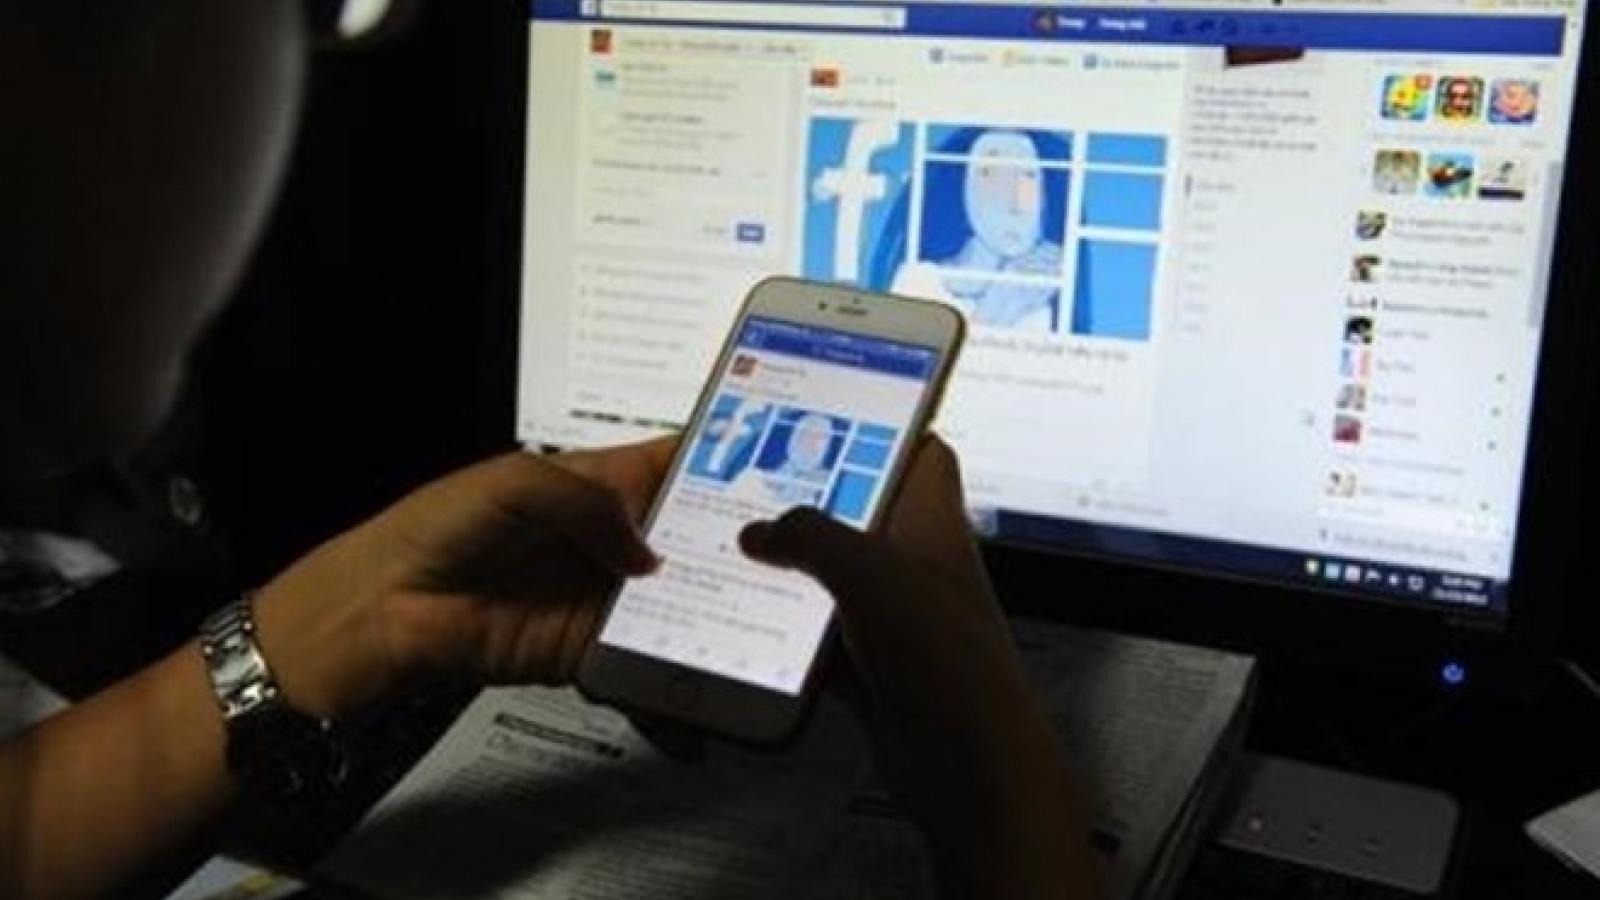 Seminar discusses social media bullying among students